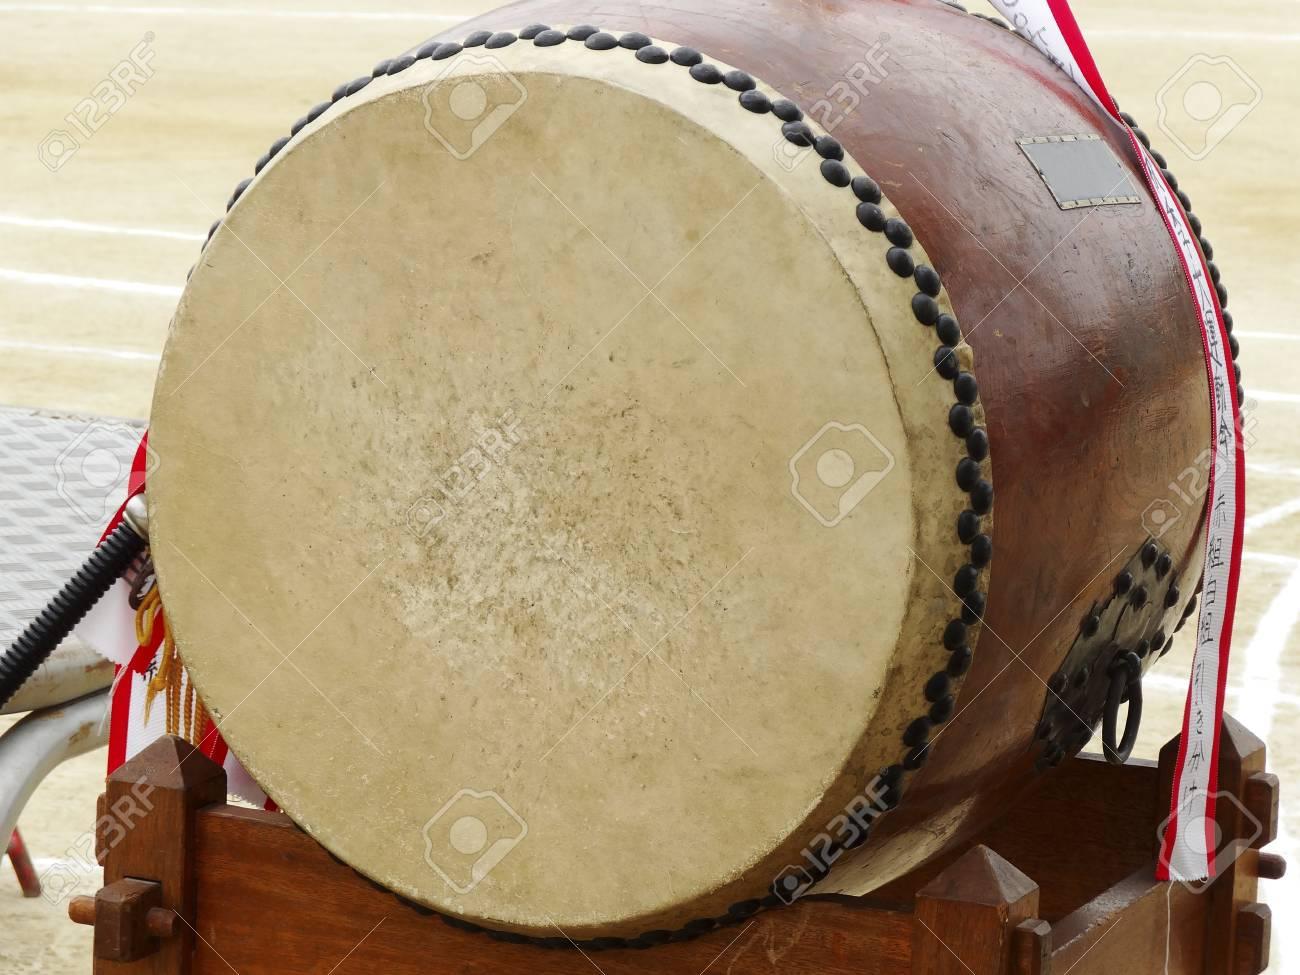 Cheer drum of athletic meet of school